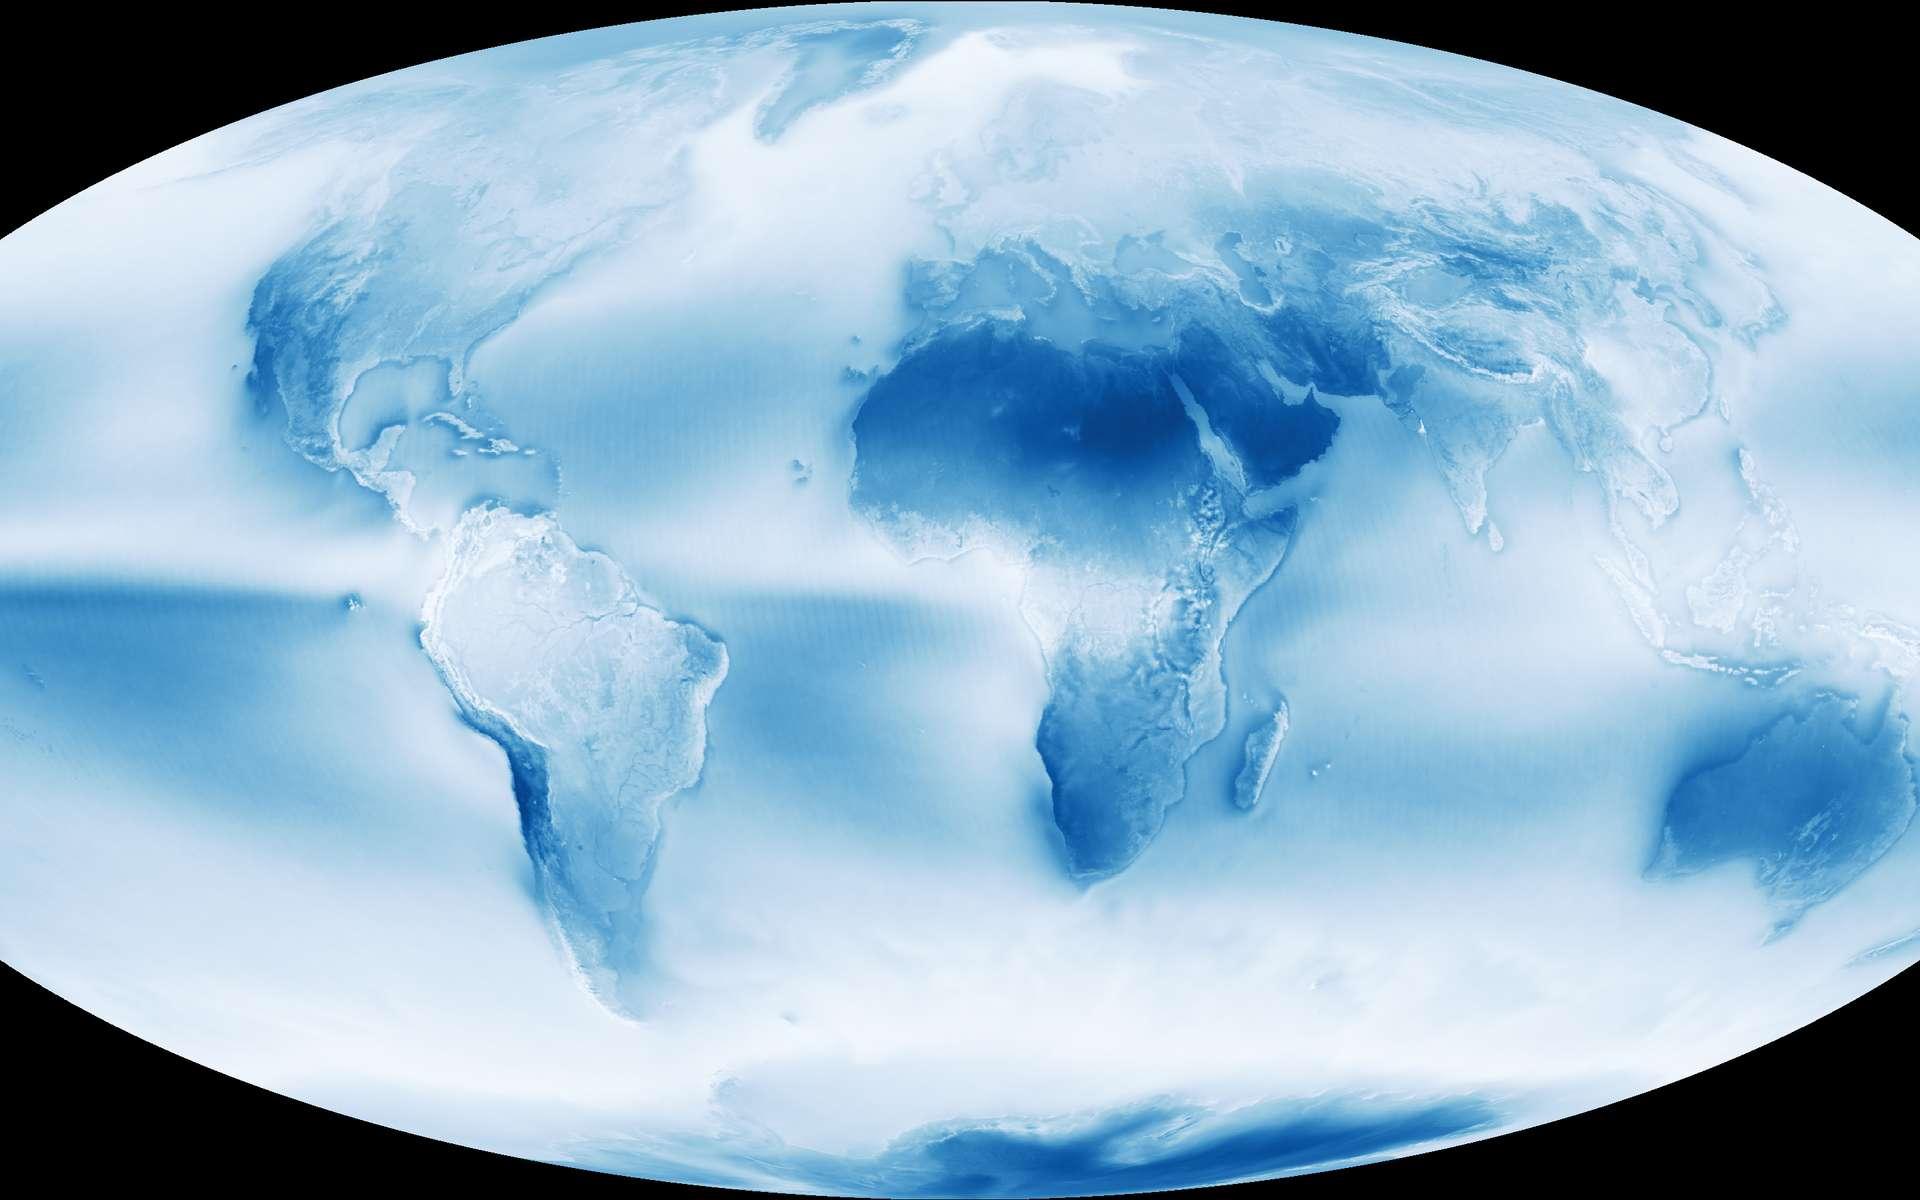 La couverture nuageuse moyenne de la Terre a été observée par le satellite Aqua entre juillet 2002 et avril 2015. Les couleurs – fausses – indiquent la teneur en eau, du bleu (très faible) au blanc (très élevée). On remarque bien sûr l'Afrique saharienne et la péninsule arabique. Un autre désert, moins connu, se trouve en Antarctique où, loin des côtes, les précipitations restent exceptionnellement rares. Parmi les zones sèches, figure également l'Australie. Il est aussi possible de remarquer le liseré bleu le long de la côte Pacifique de l'Amérique Sud, entre l'Équateur et le Chili, qui correspond à une région aride : là se trouve le désert d'Atacama. À retenir aussi la nébulosité plus faible au-dessus des océans. © Nasa Earth Observatory